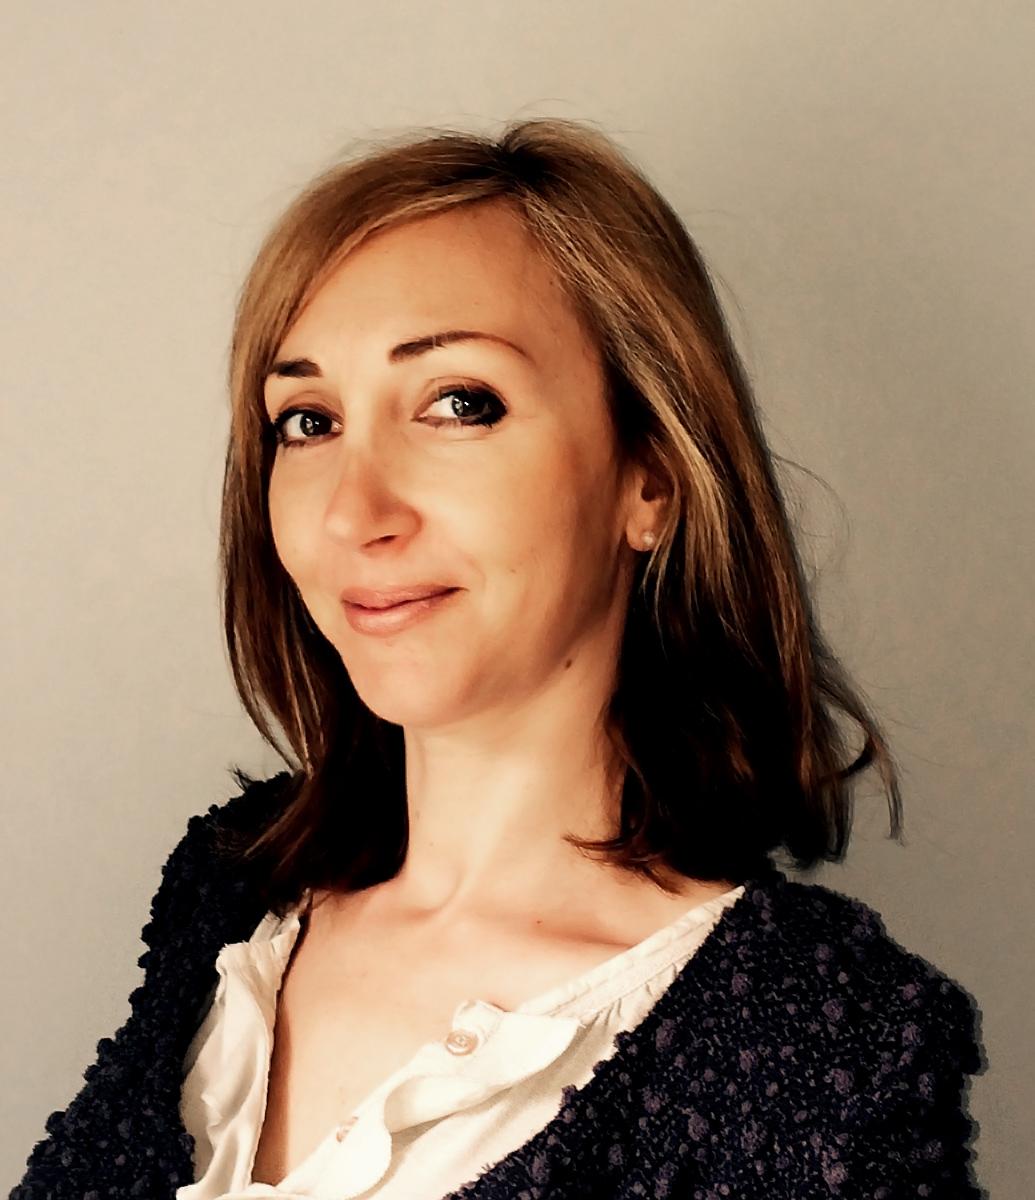 Nathalie Thebault